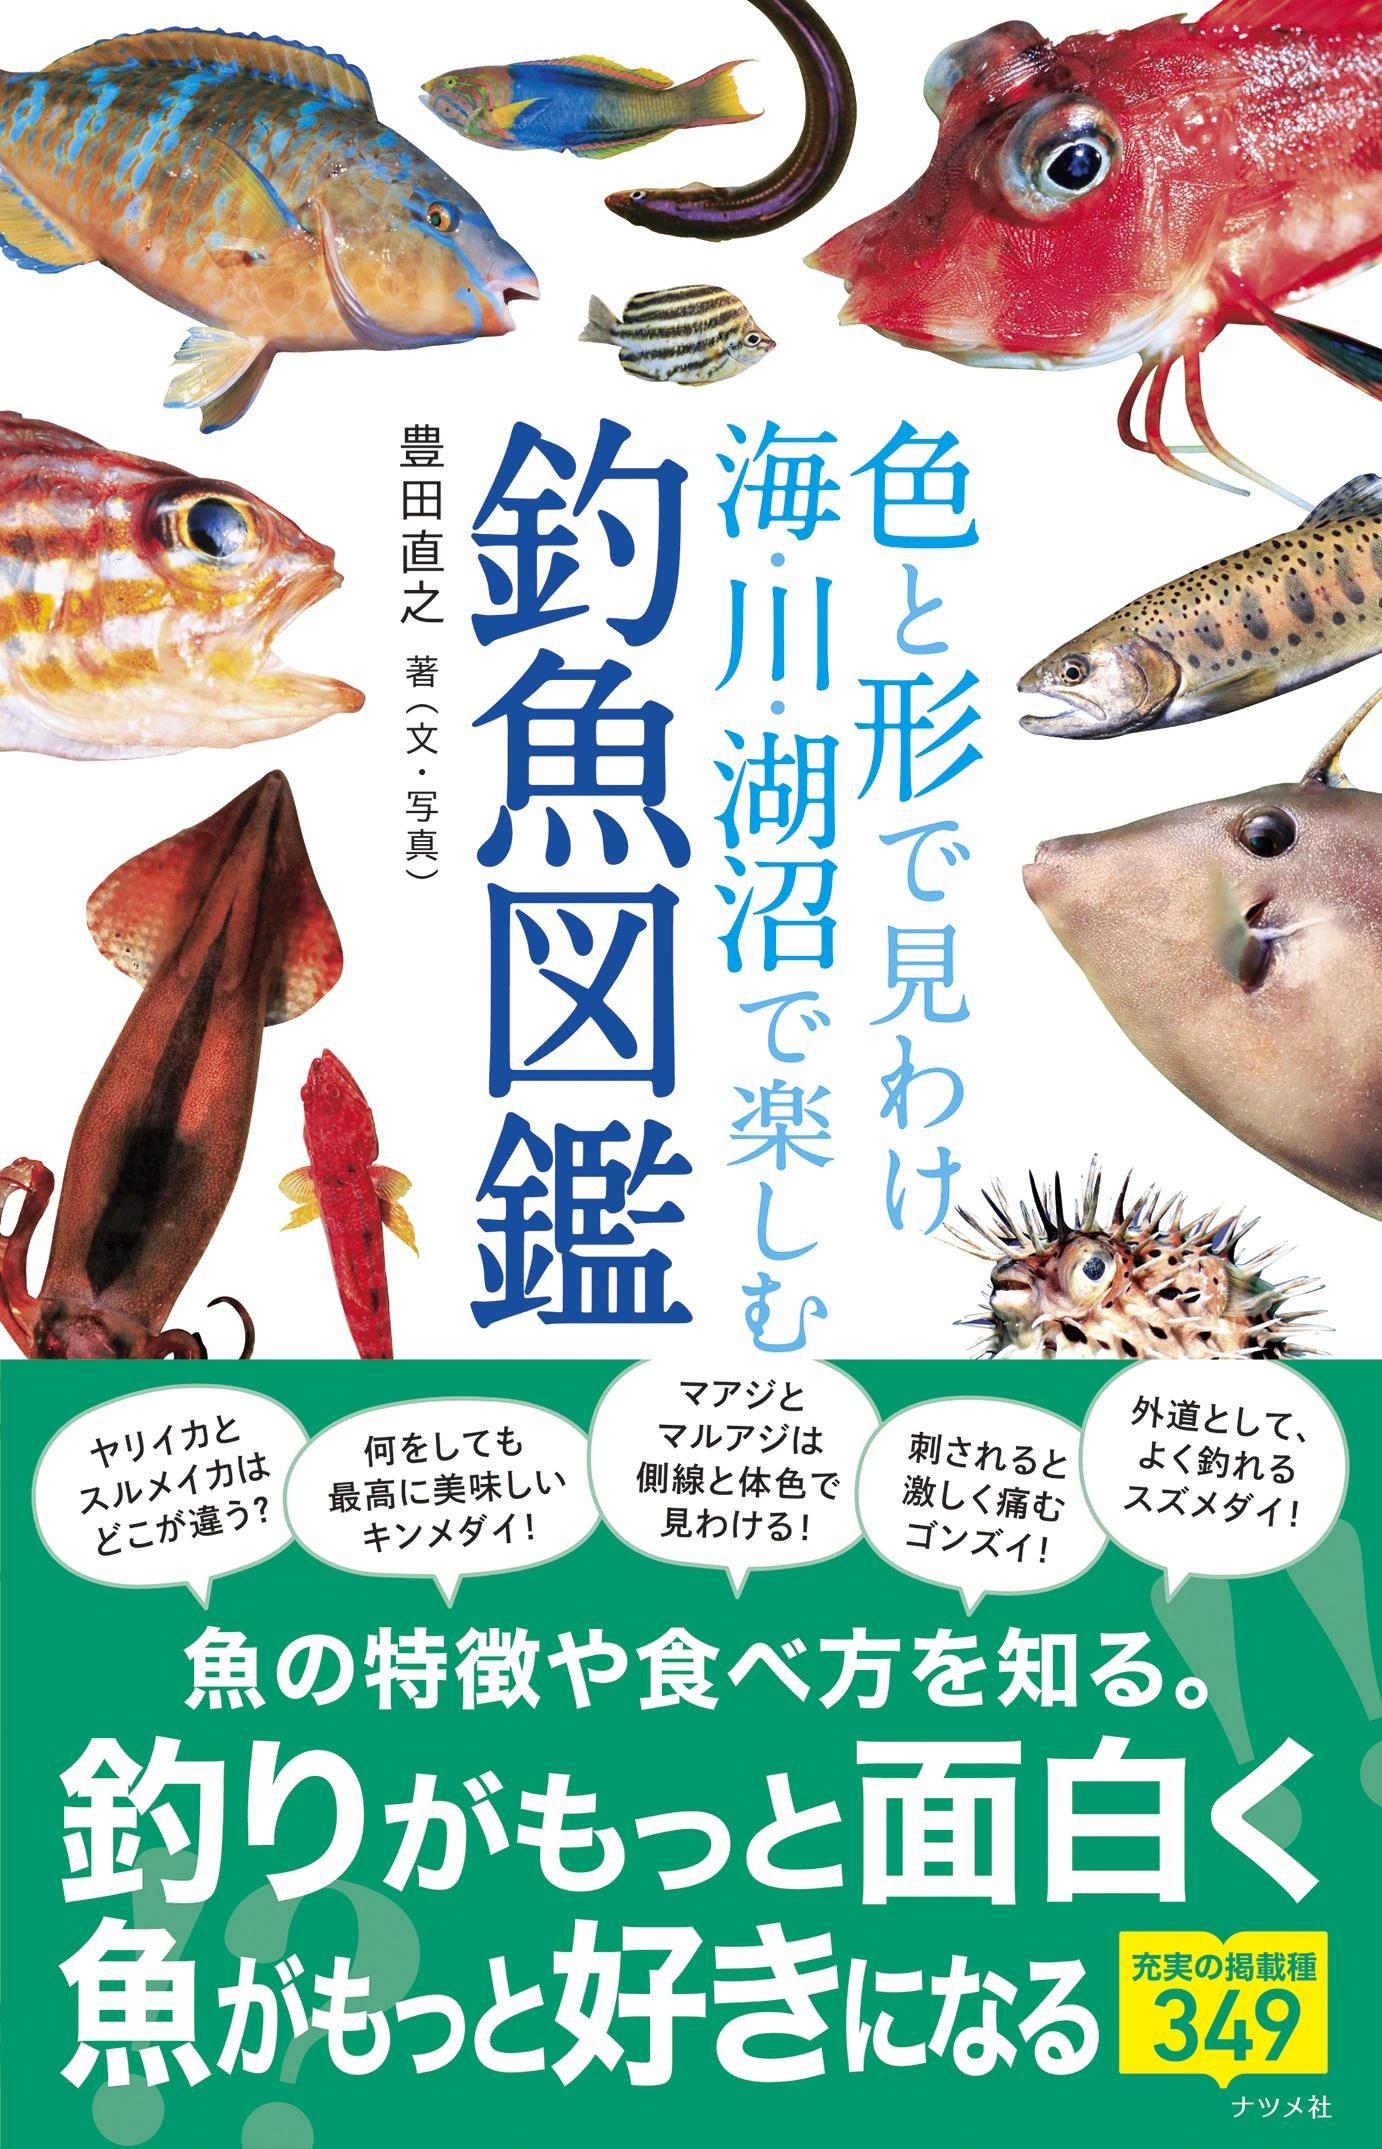 色と形で見わけ 海・川・湖沼で楽しむ 釣魚図鑑の表紙